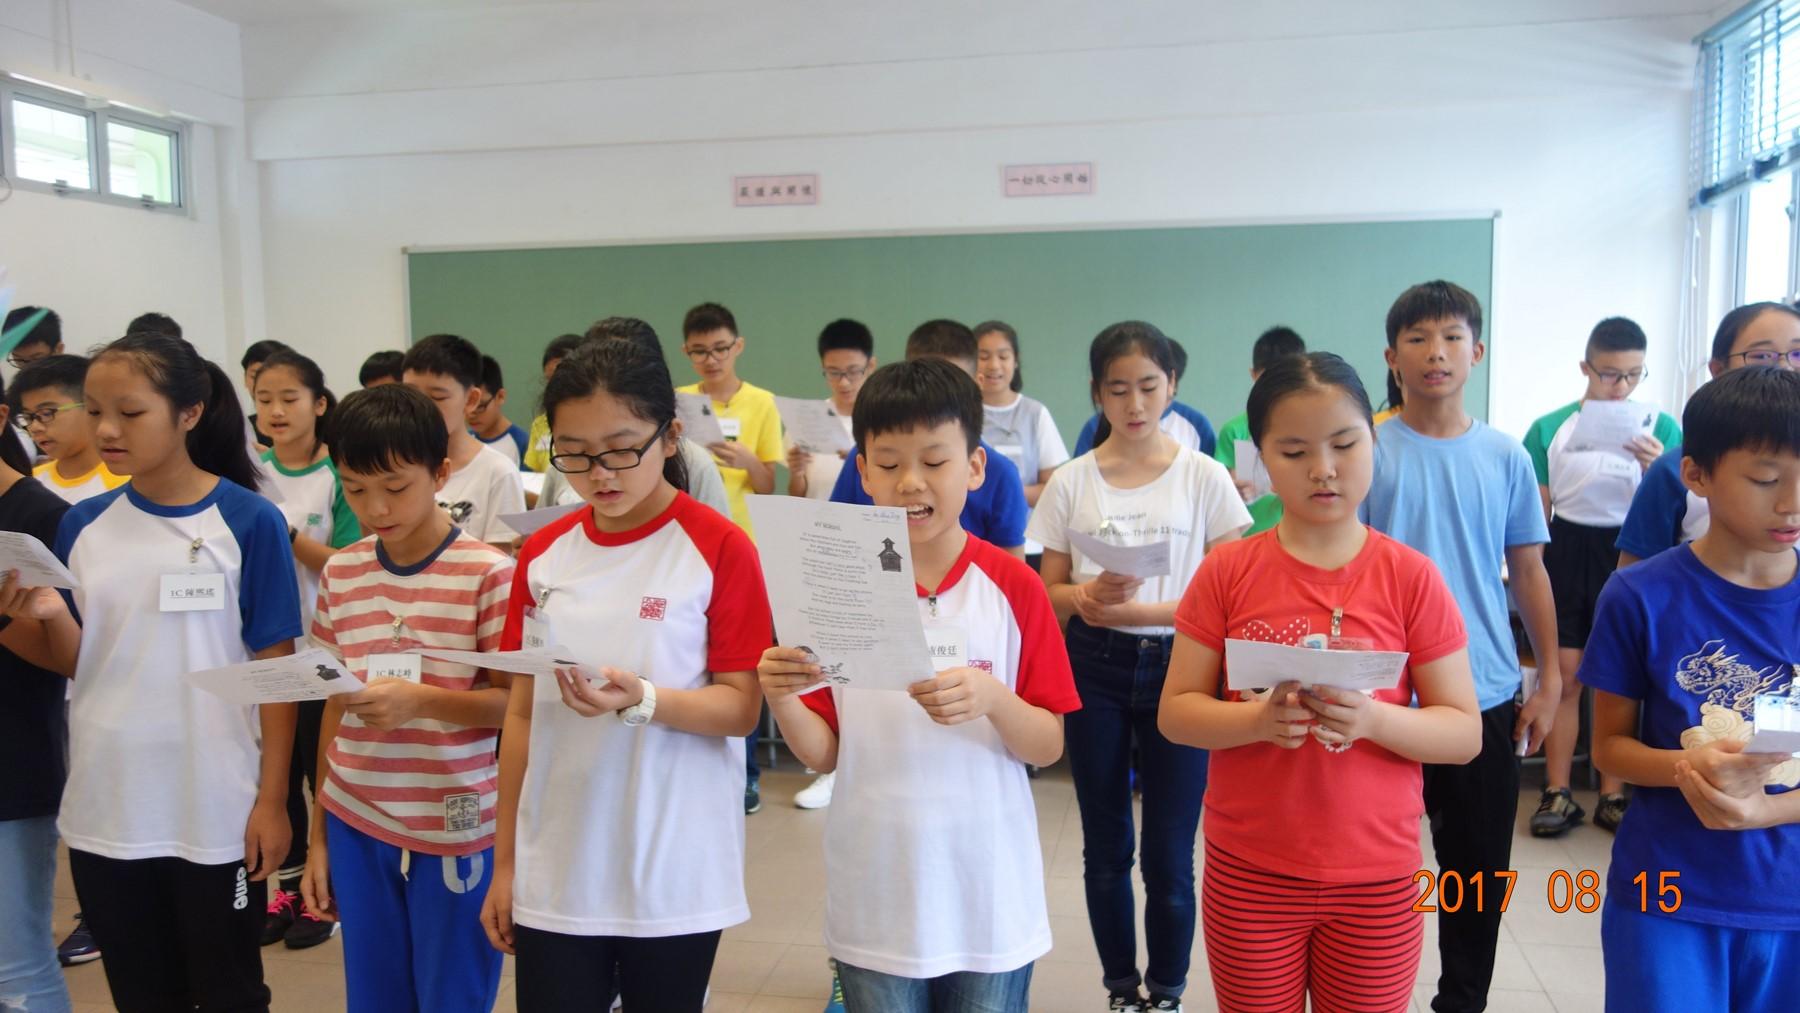 http://www.npc.edu.hk/sites/default/files/1c_zhong_ying_bing_chong_ying_jie_tiao_zhan_20170815_01.jpg